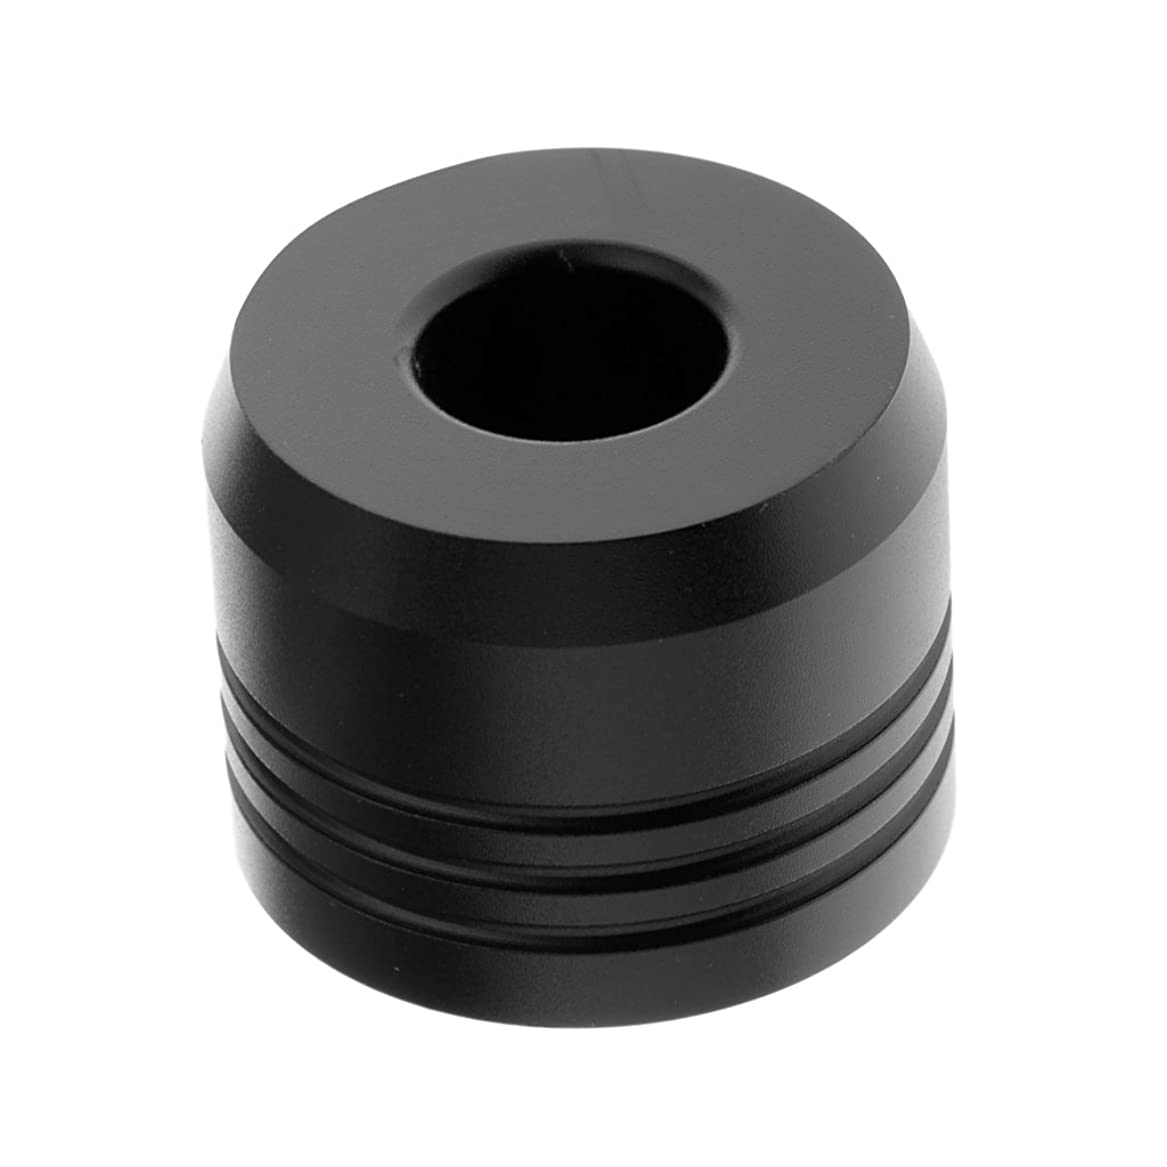 調停者命令的無礼にBaosity カミソリスタンド スタンド シェービング カミソリホルダー ベース サポート 調節可 乾燥 高品質 2色選べ   - ブラック